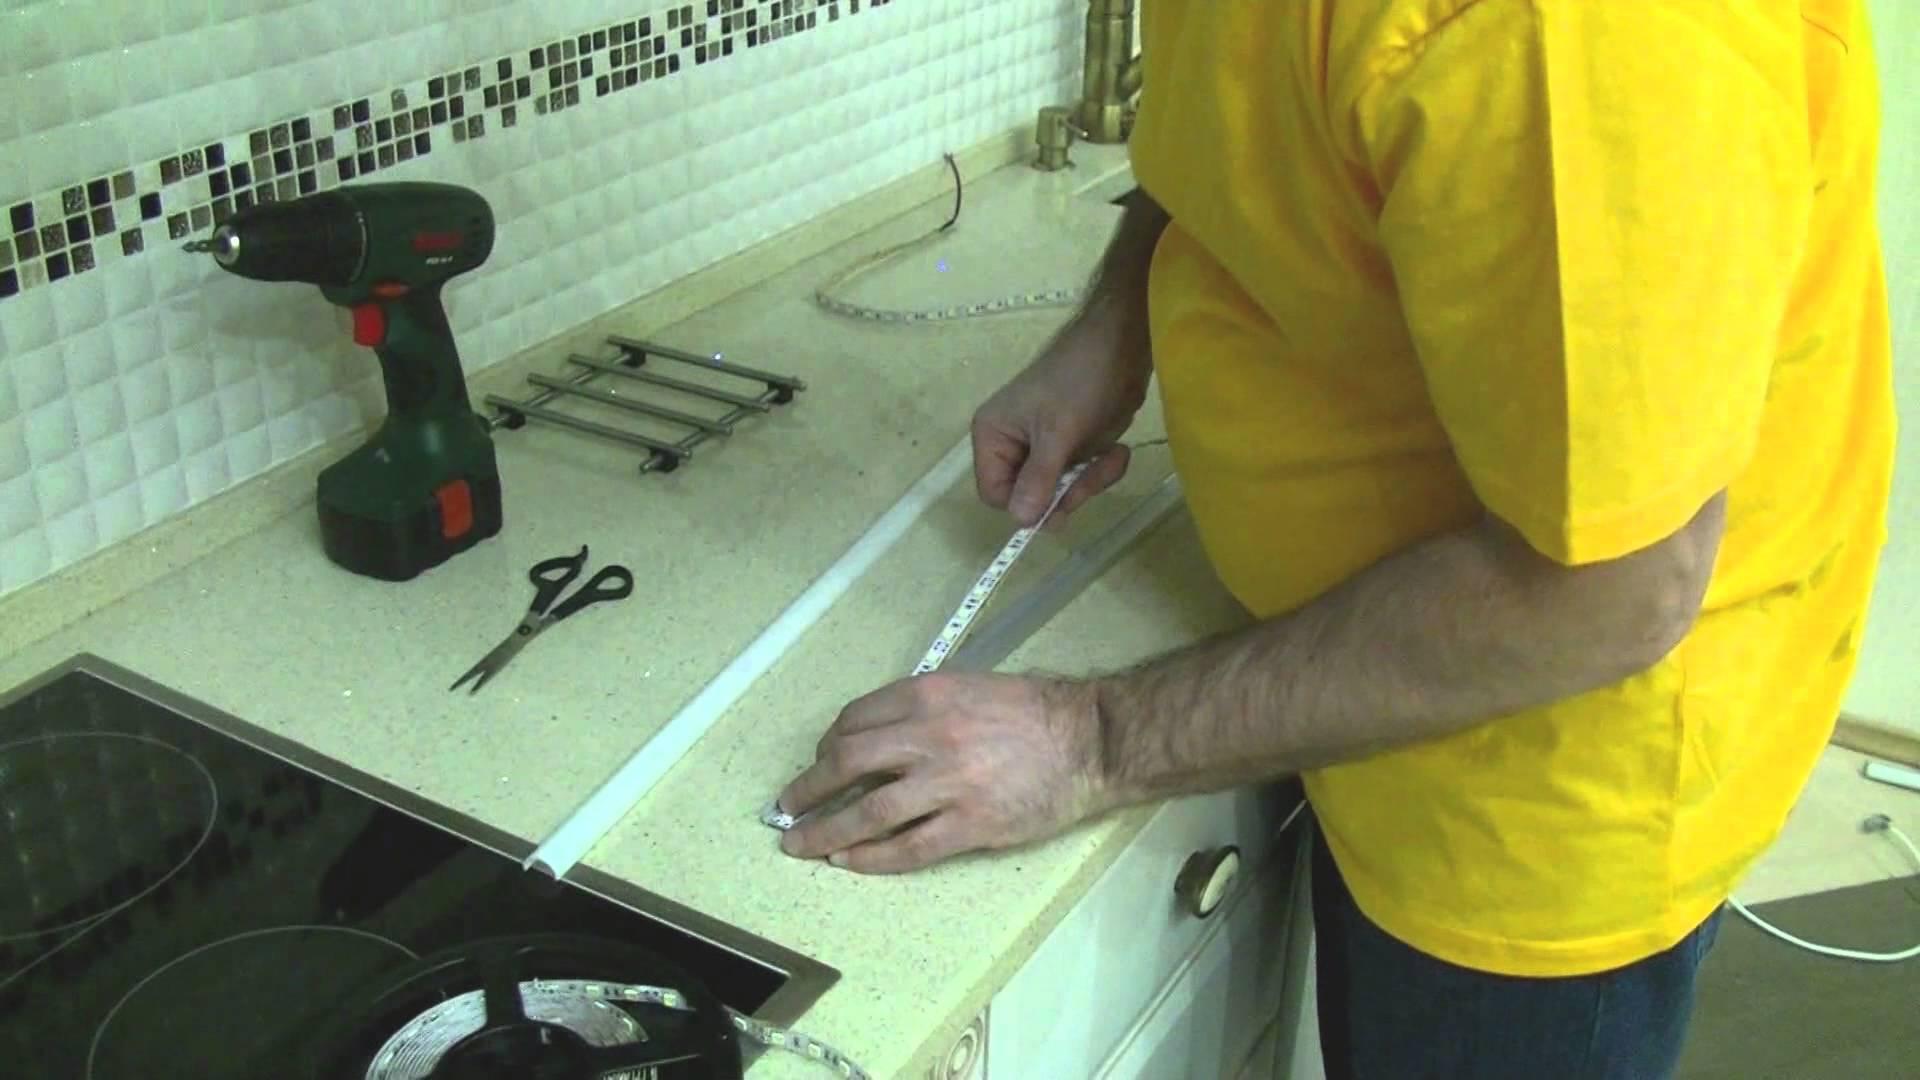 Как установить светодиодную ленту на потолок — как крепить к потолку, монтаж светодиодной ленты, как закрепить, прикрепить, на что крепить